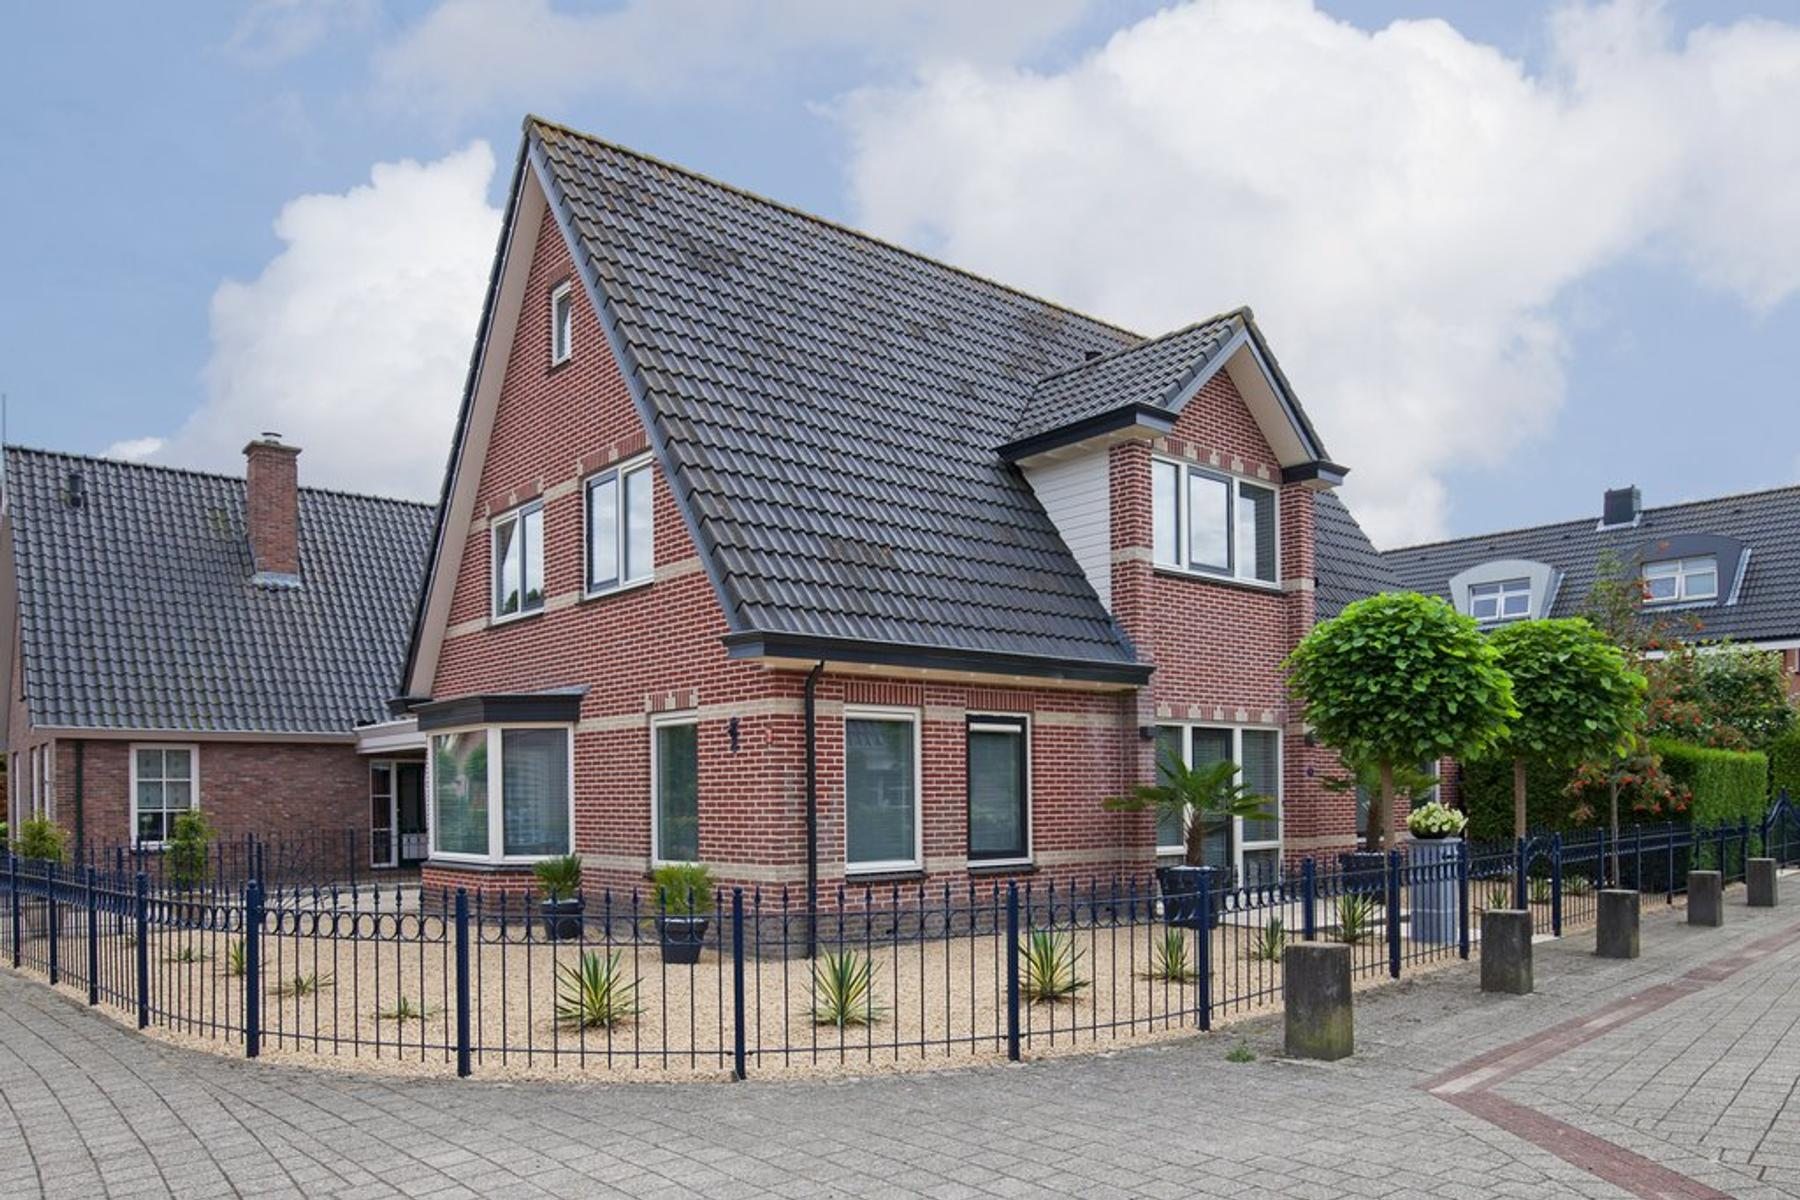 Mari andriessenhof 71 in hoorn 1628 zp: woonhuis. de stijl